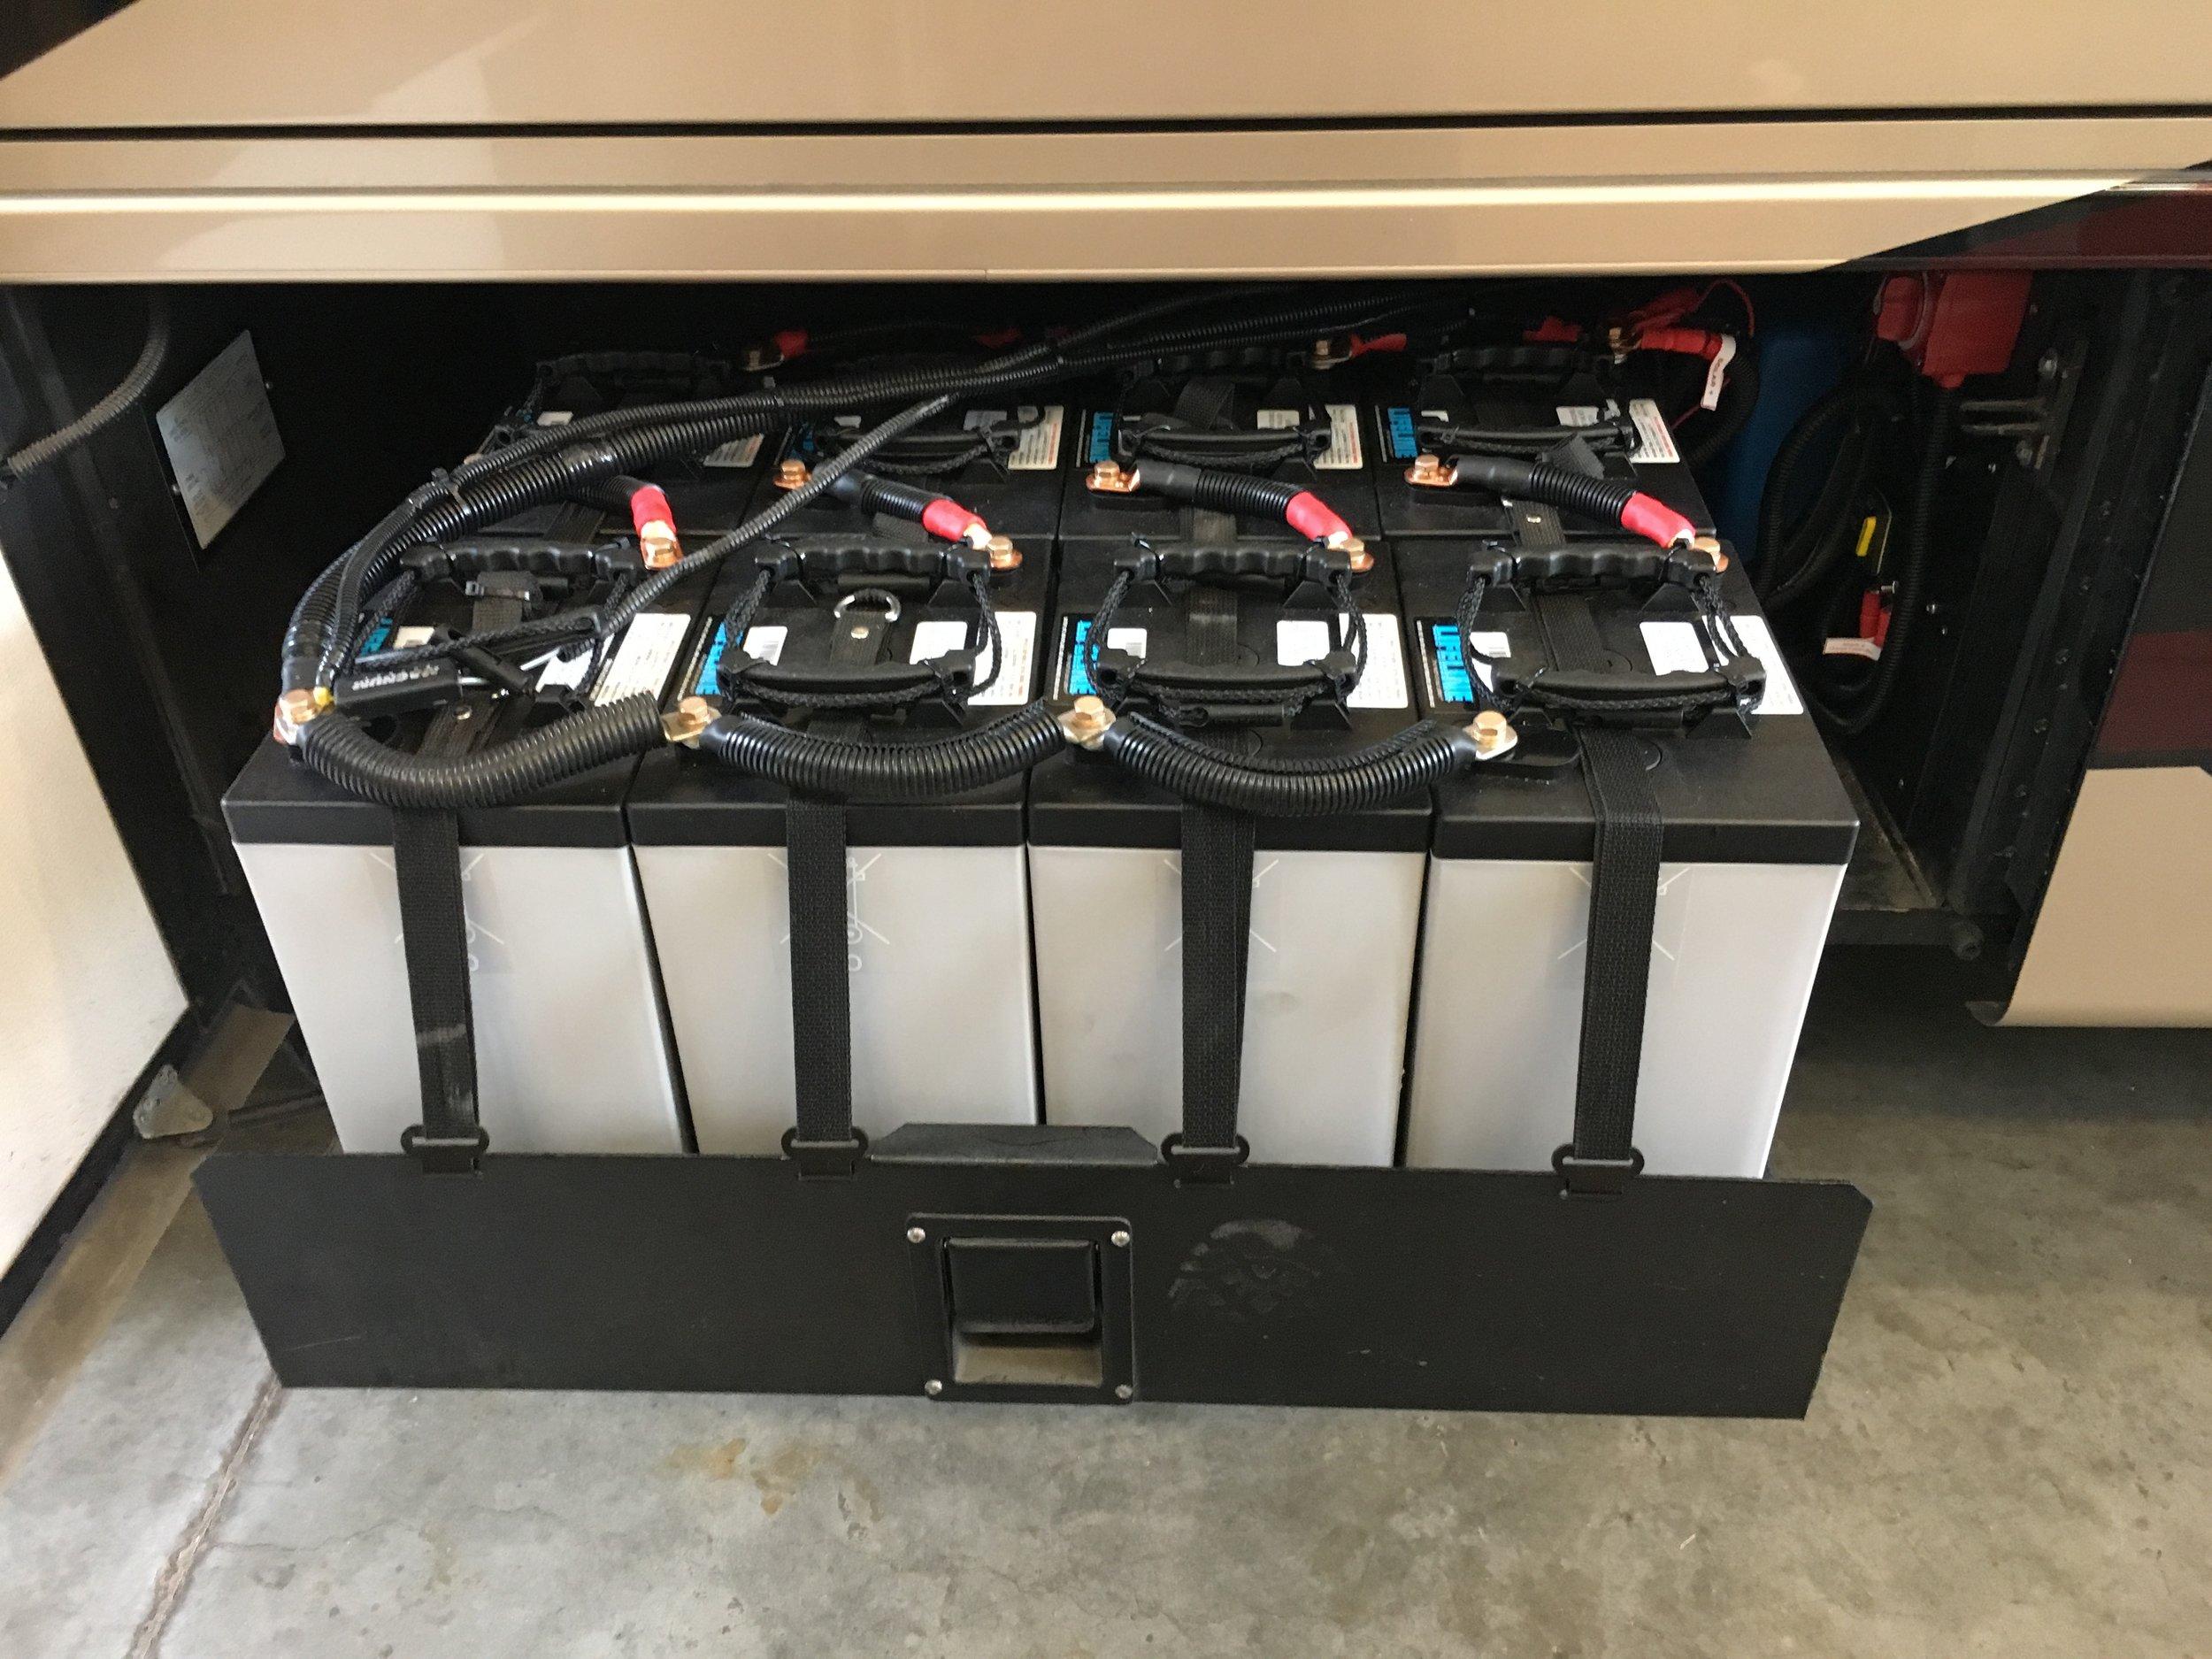 1200Ah of AGM Batteries